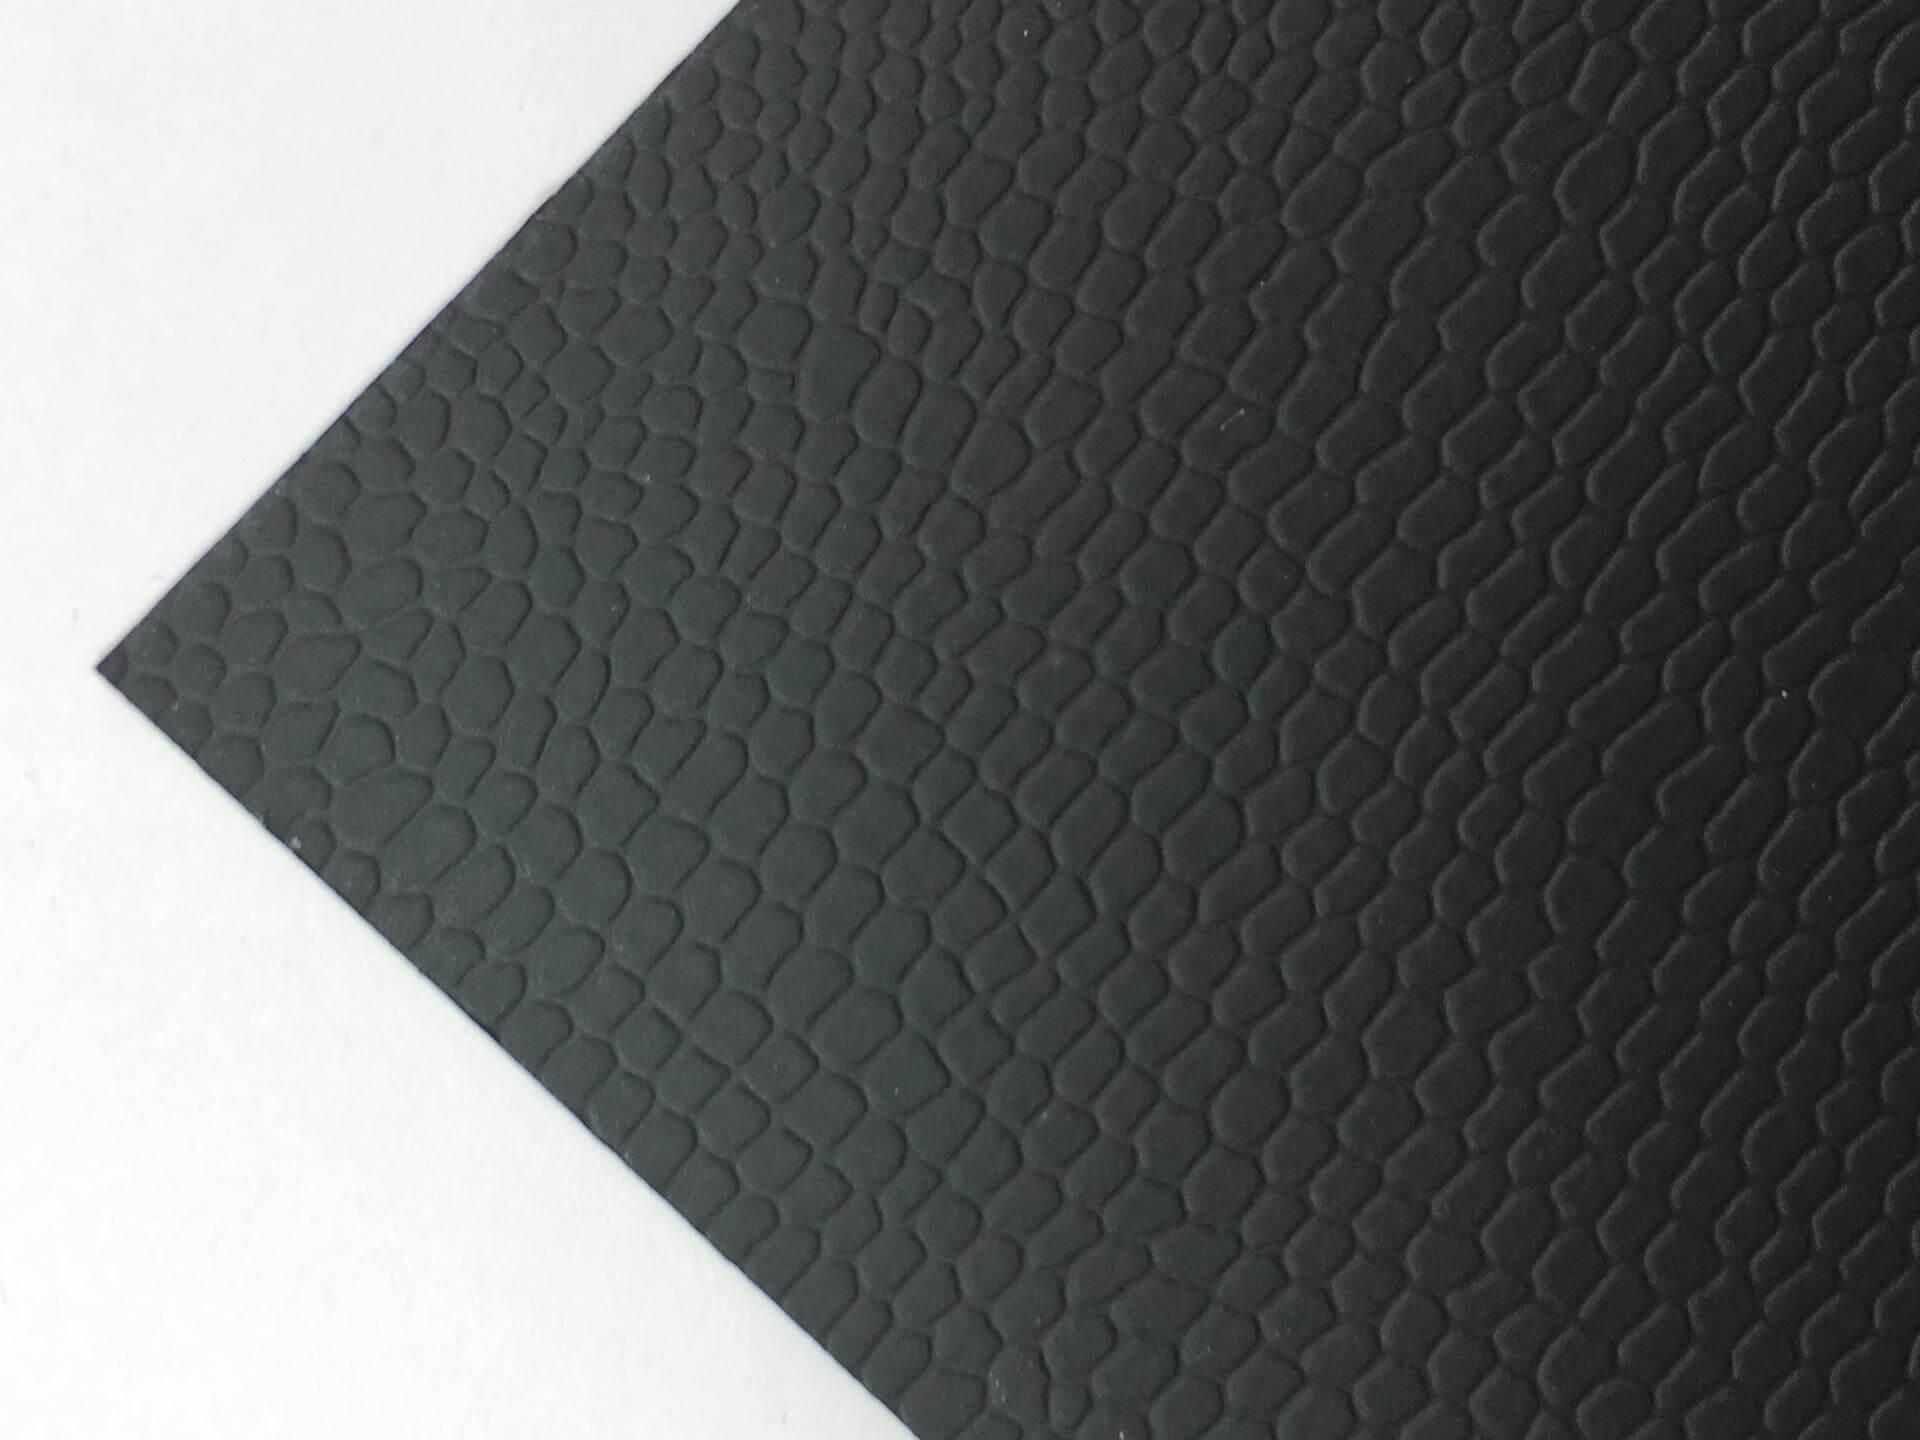 LeatherLike black minimal